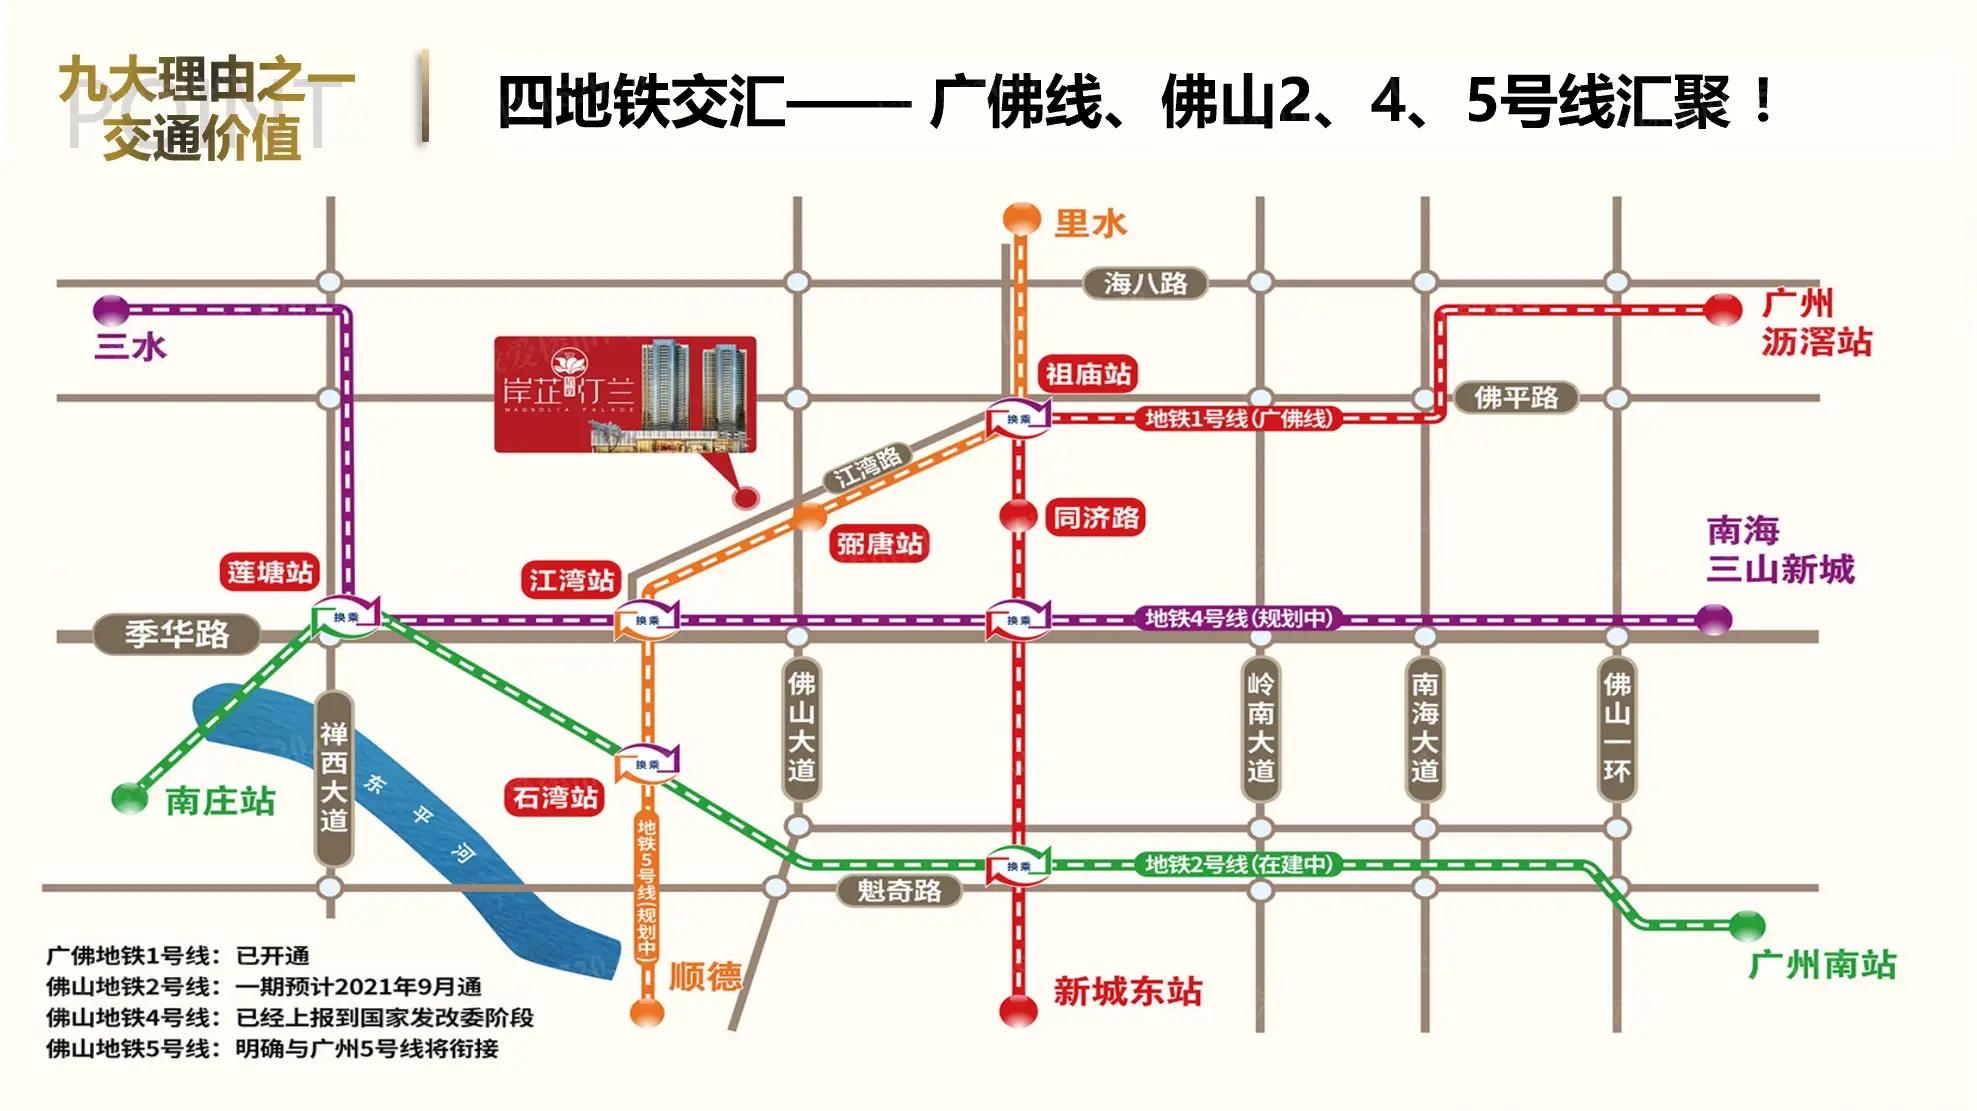 佛山禅城新楼盘招商岸芷汀兰交通规划